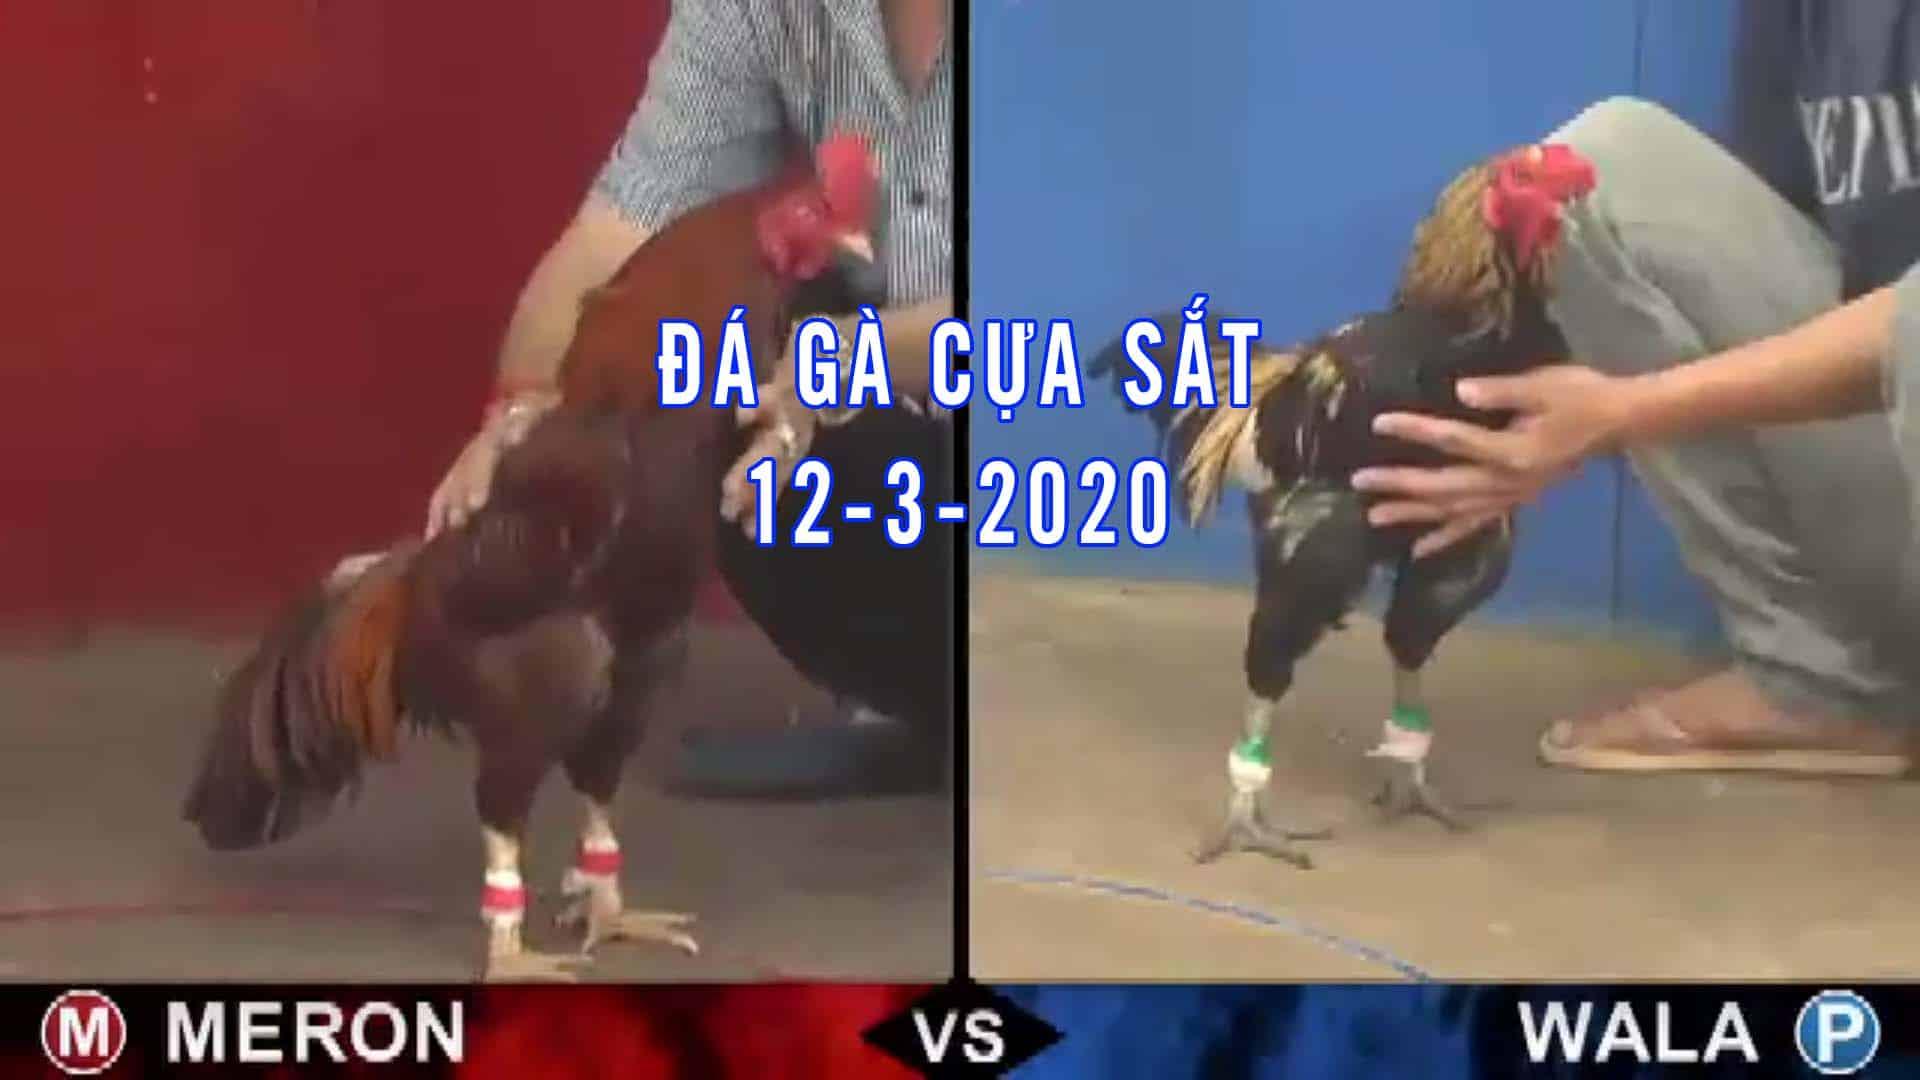 đá gà cựa sắt, đá gà thomo hôm nay, đá gà trực tiếp bình luận viên, đá gà campuchia, da ga ucw88 thứ 5 ngày 12-3-2020